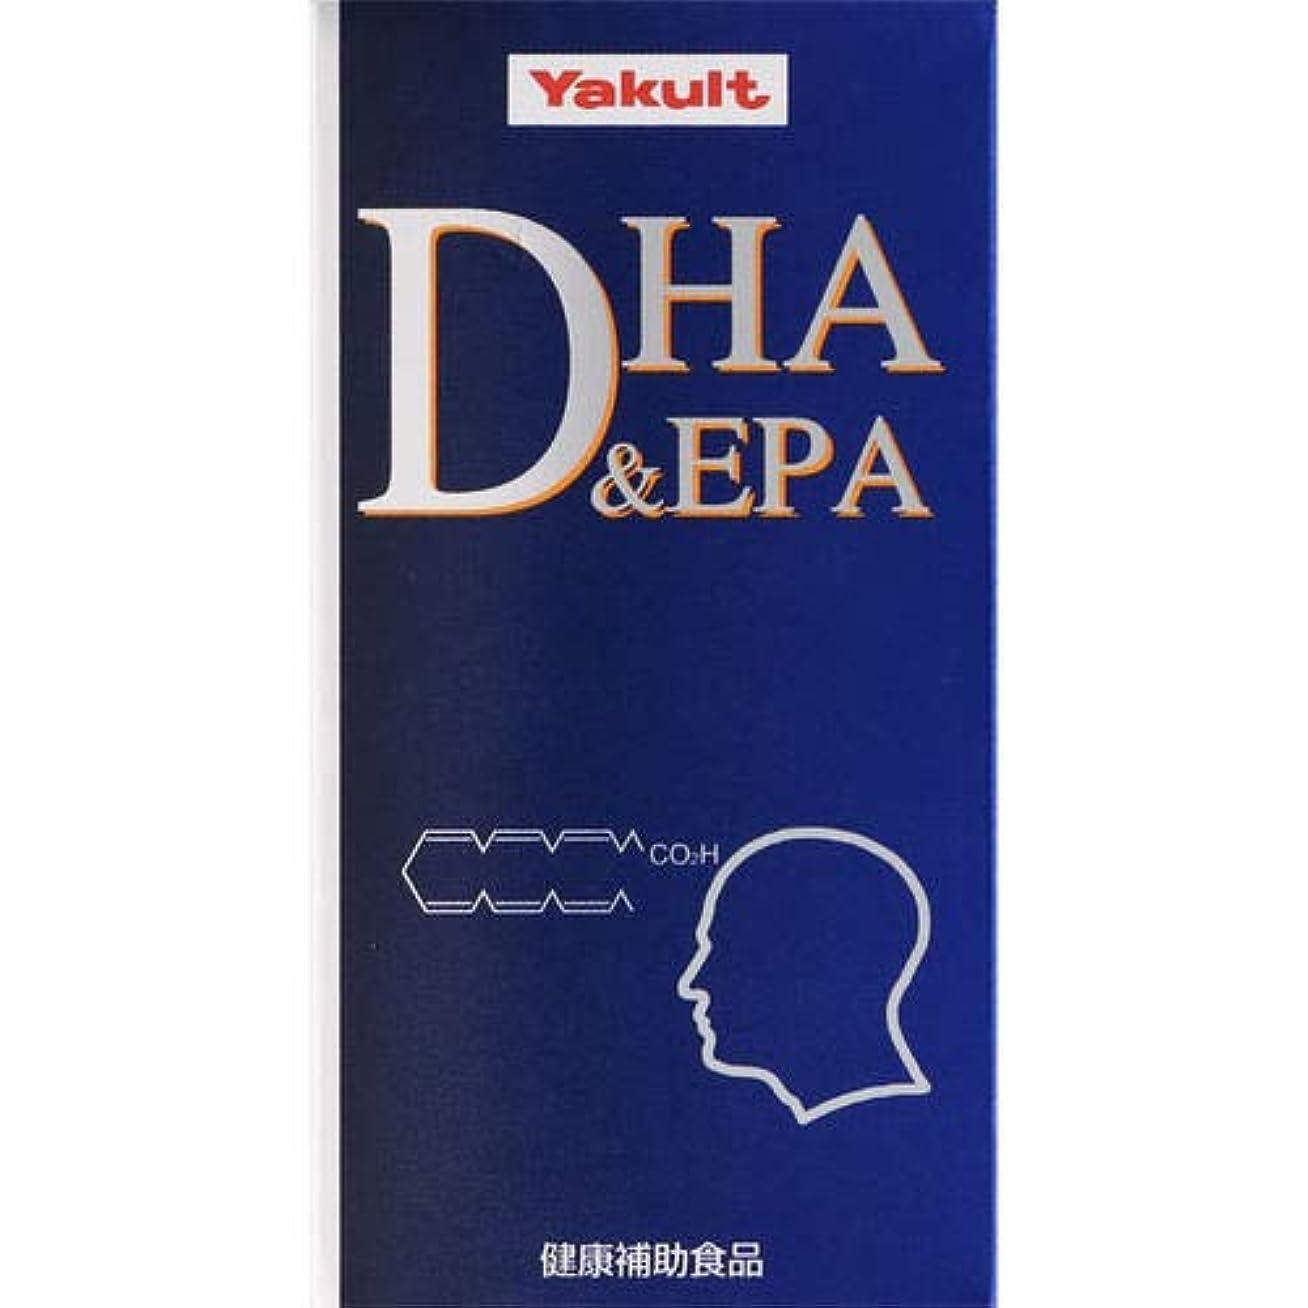 うぬぼれアラーム誇張DHA&EPA 54g